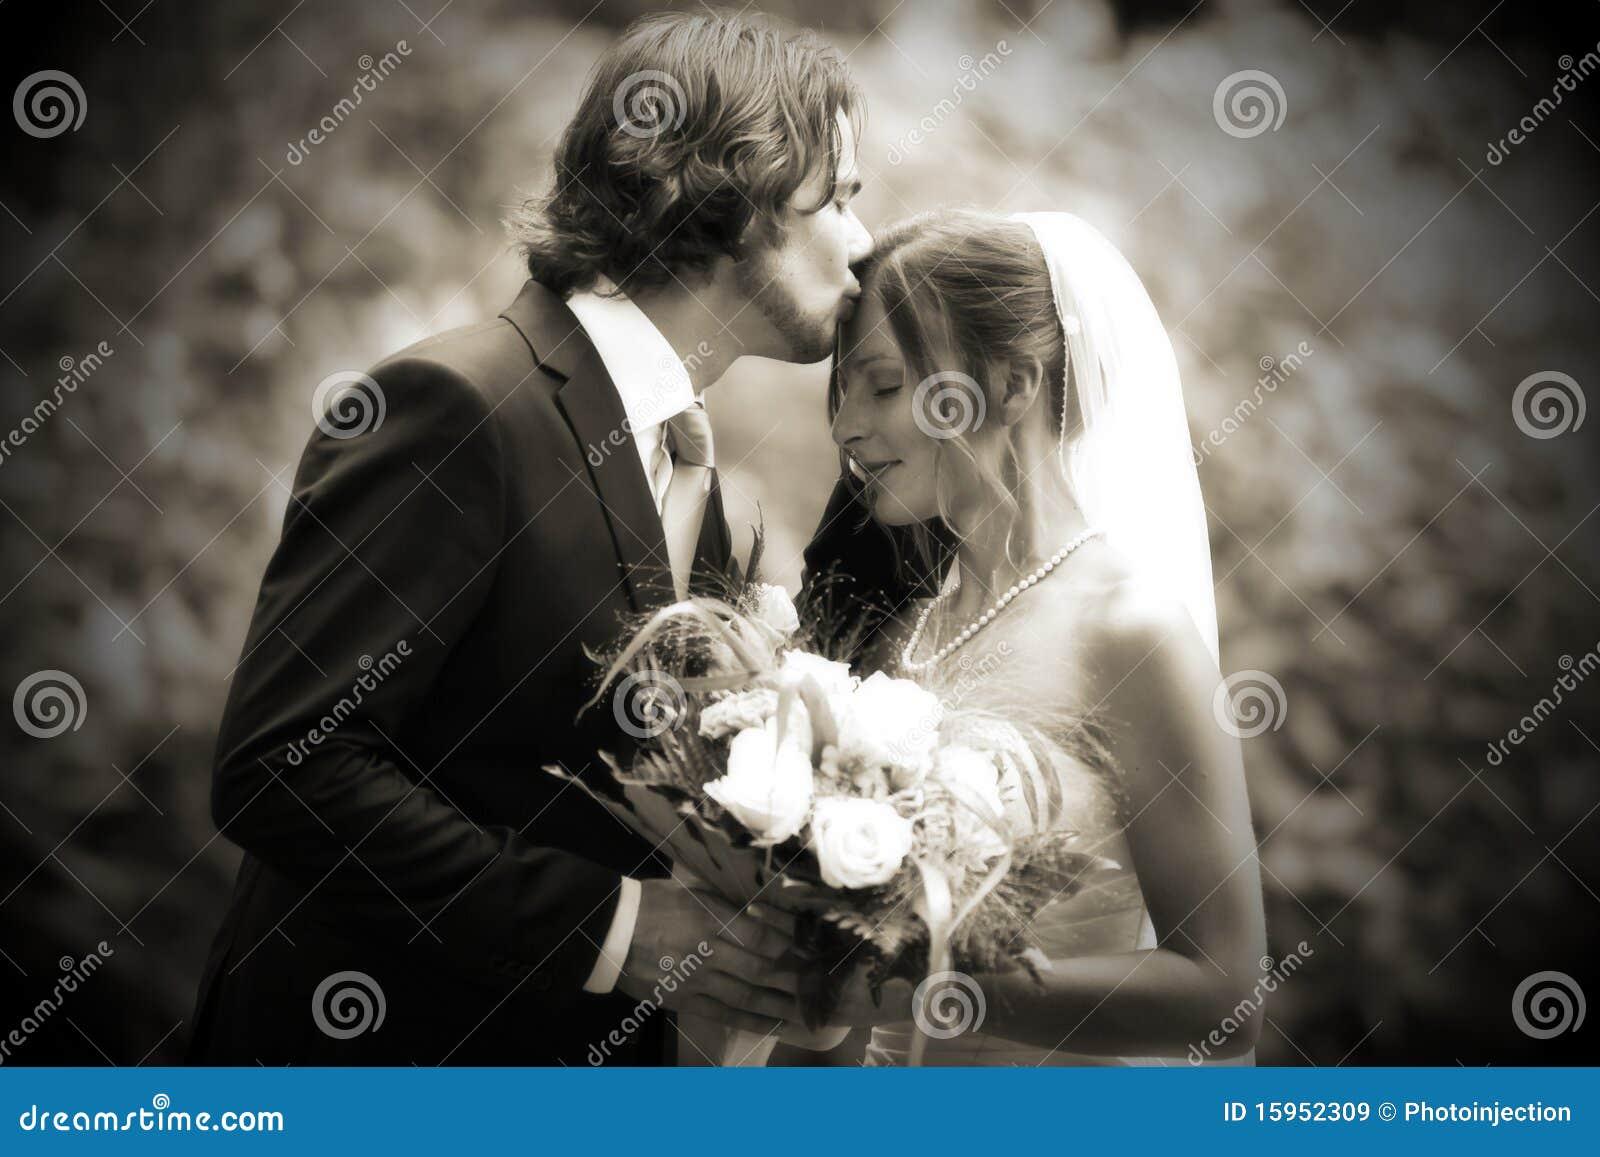 Beijo Wedding muito romântico